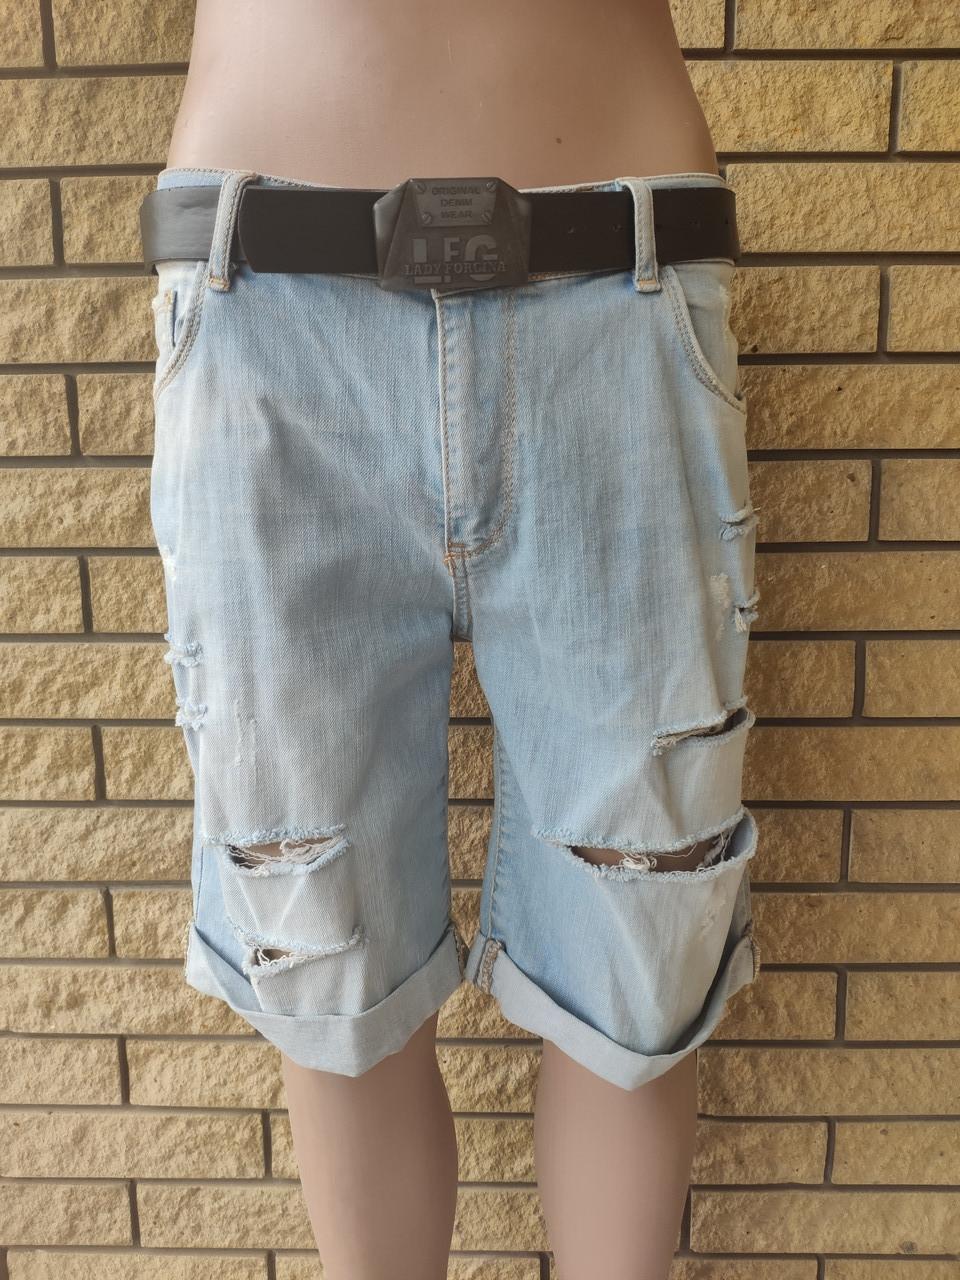 Бриджи женские джинсовые стрейчевые с высокой посадкой большого размера LADY FORGINA, Турция